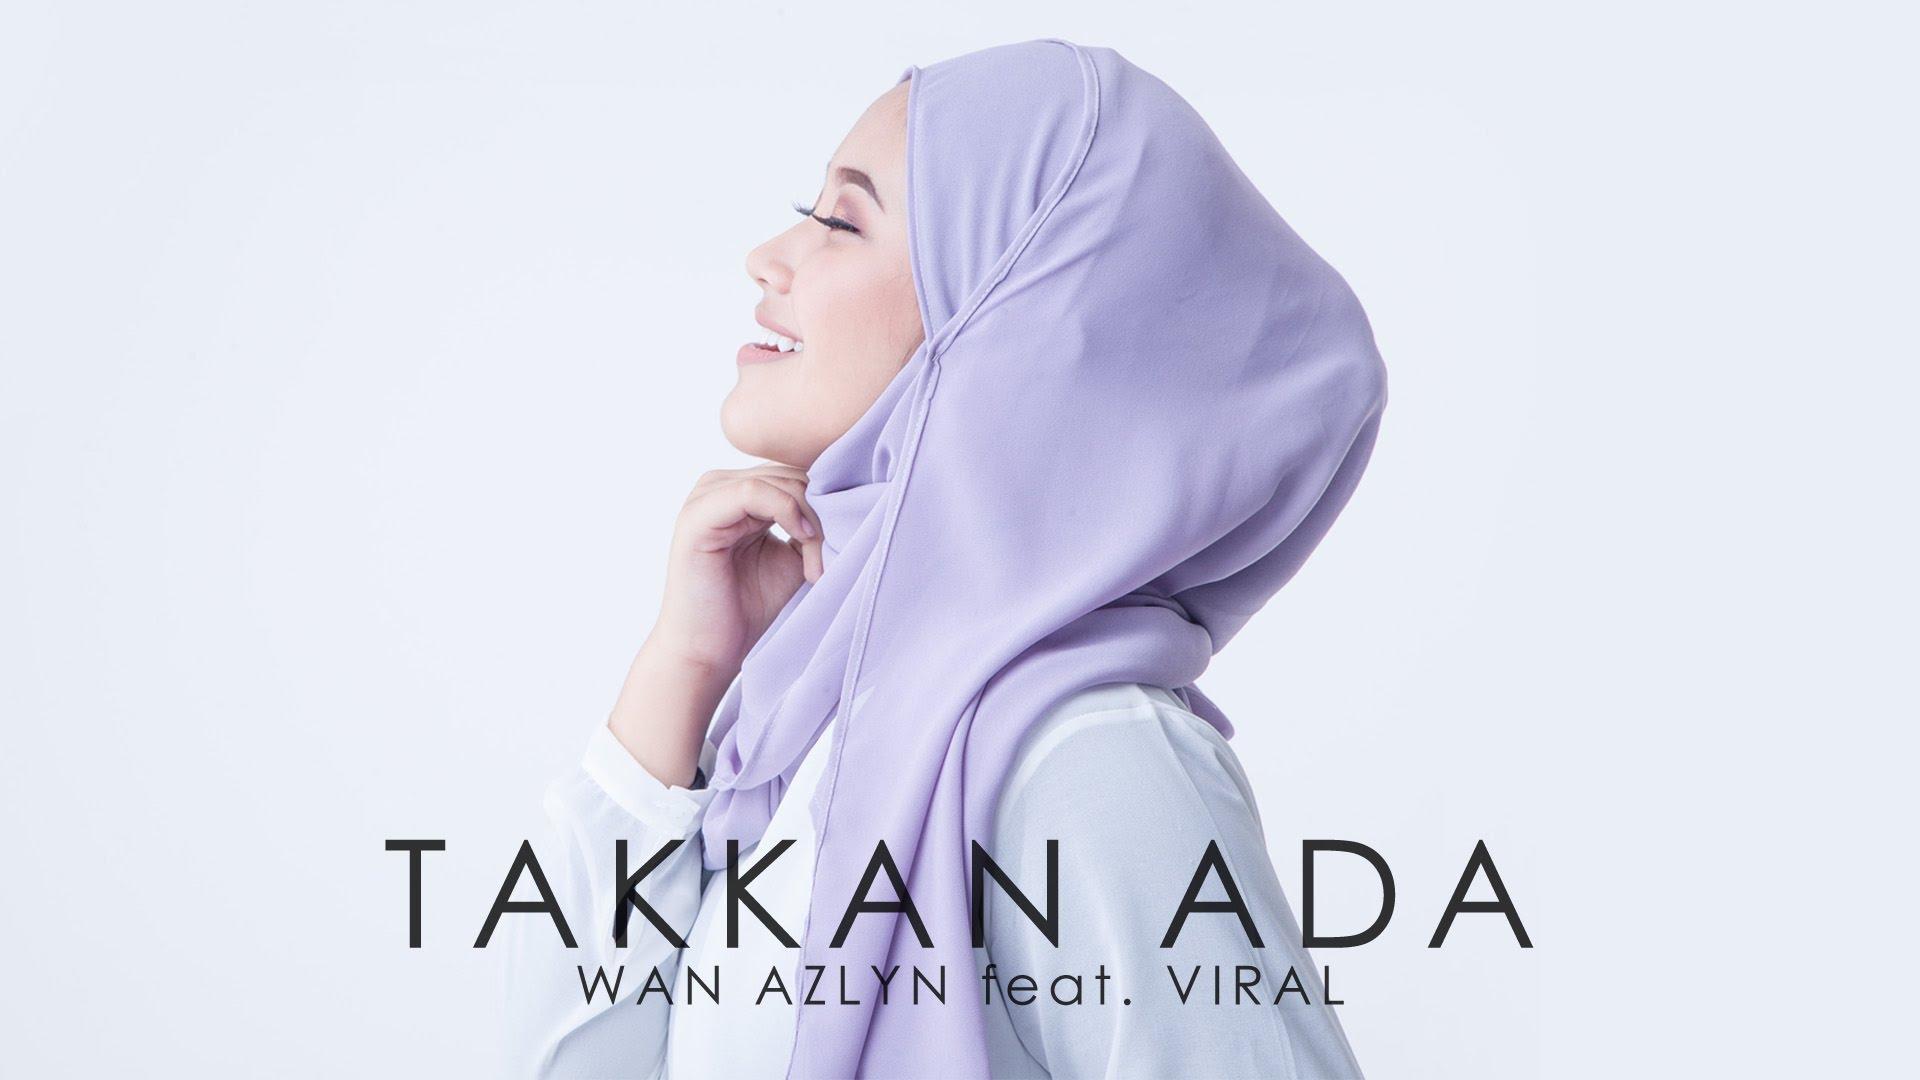 Penyanyi lagu Takkan Ada Wan Azlyn feat Viral